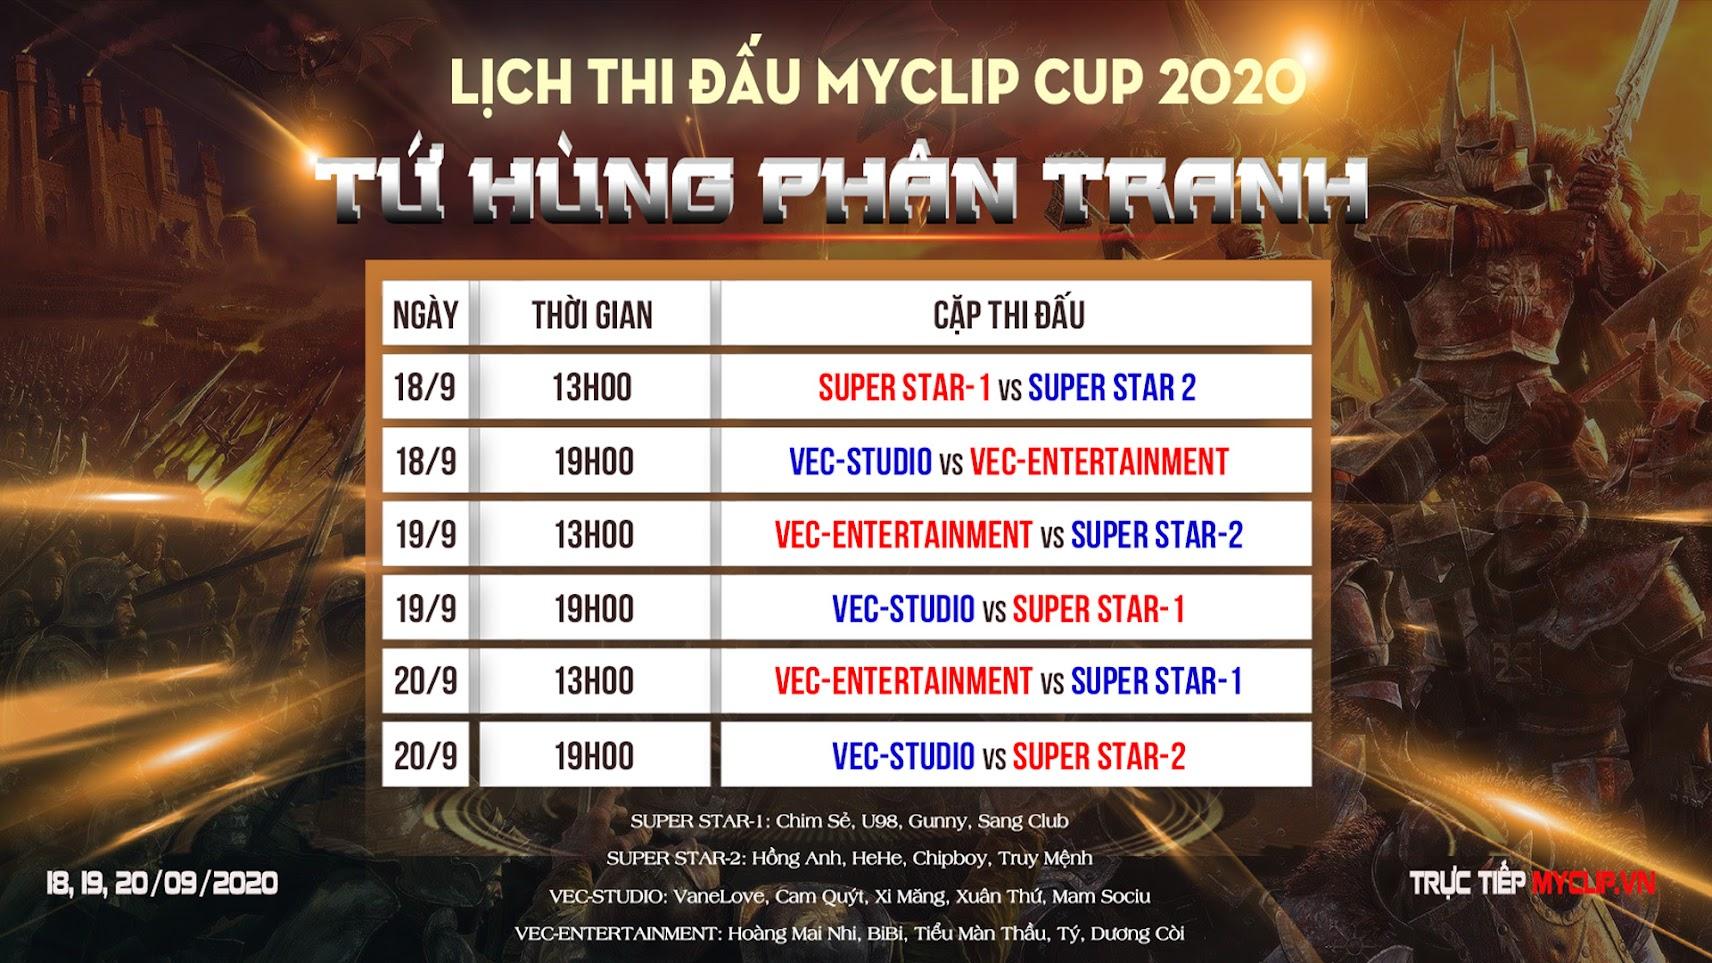 MYCLIP CUP 2020 - Cập nhật Kết Quả và Bảng Xếp Hạng